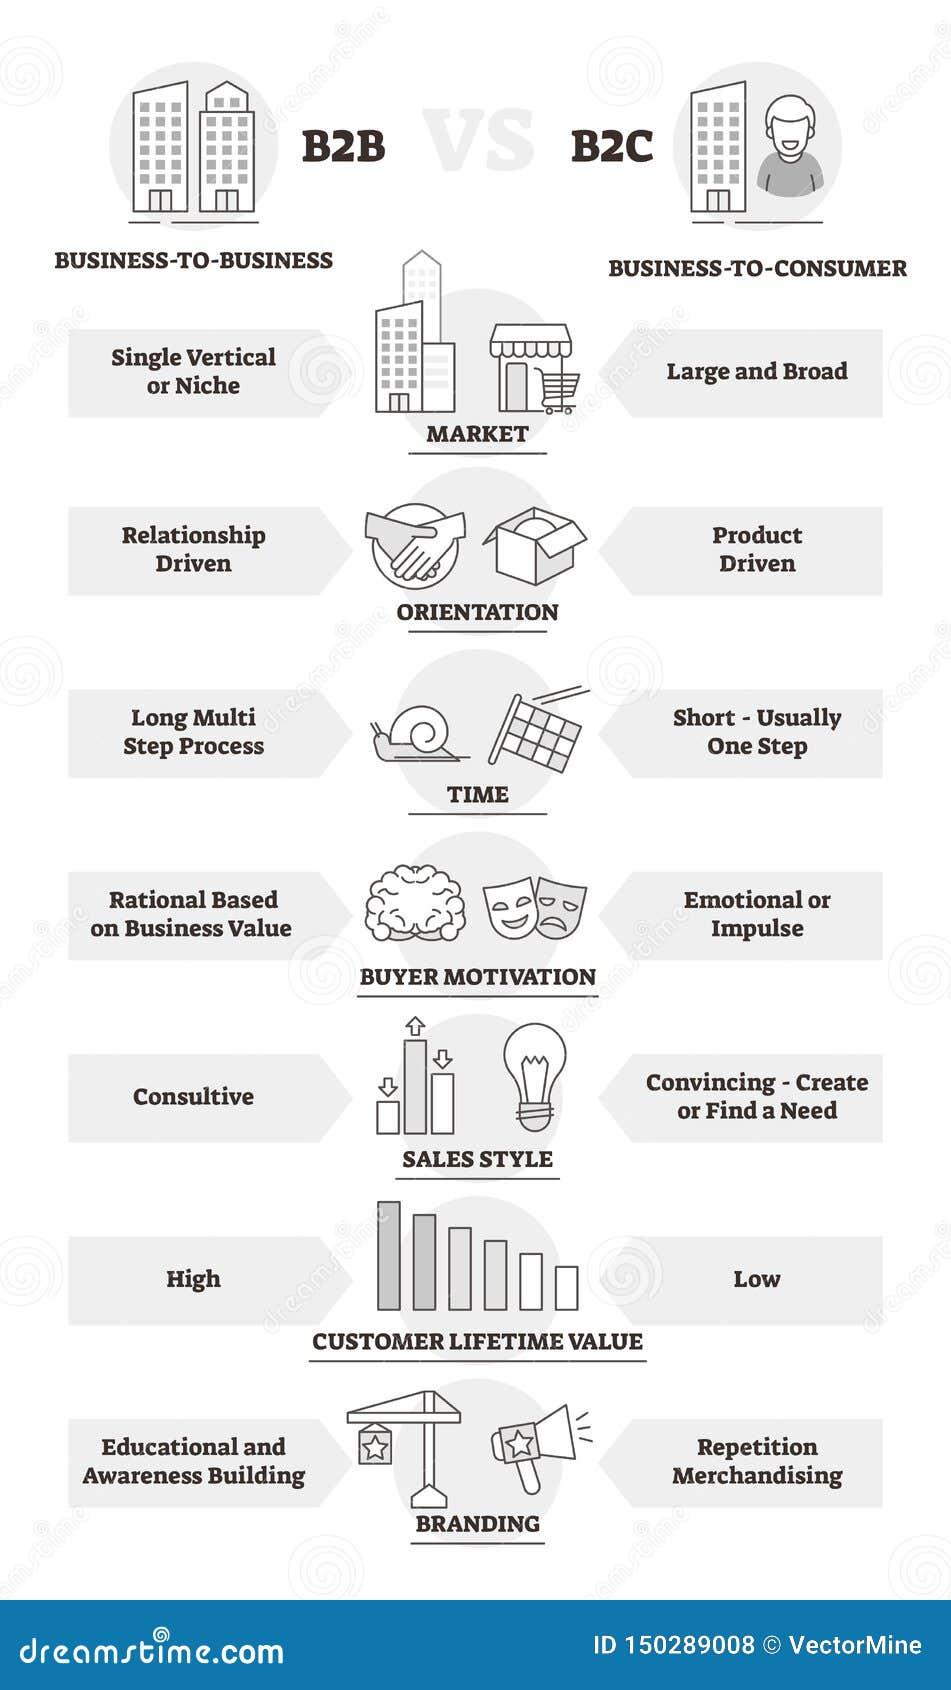 B2B και σύγκριση επιχειρησιακών προτύπων B2C και διανυσματική απεικόνιση διαφορών